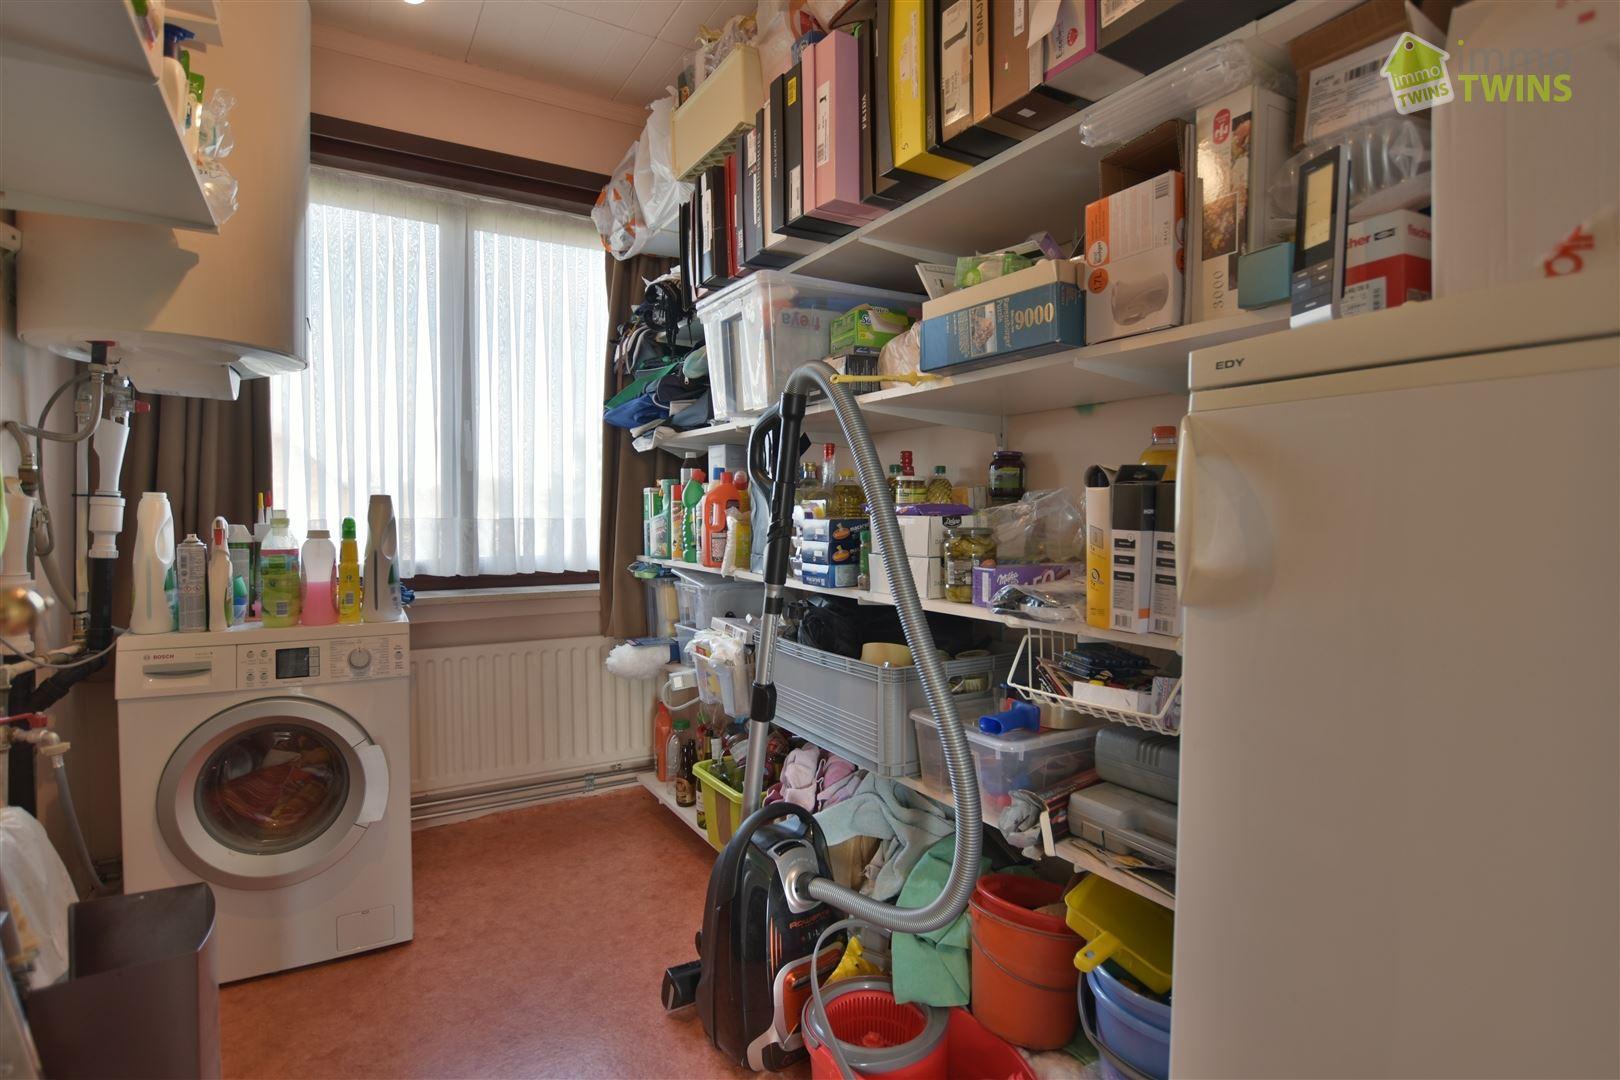 Foto 13 : Appartement te 9300 AALST (België) - Prijs € 224.000